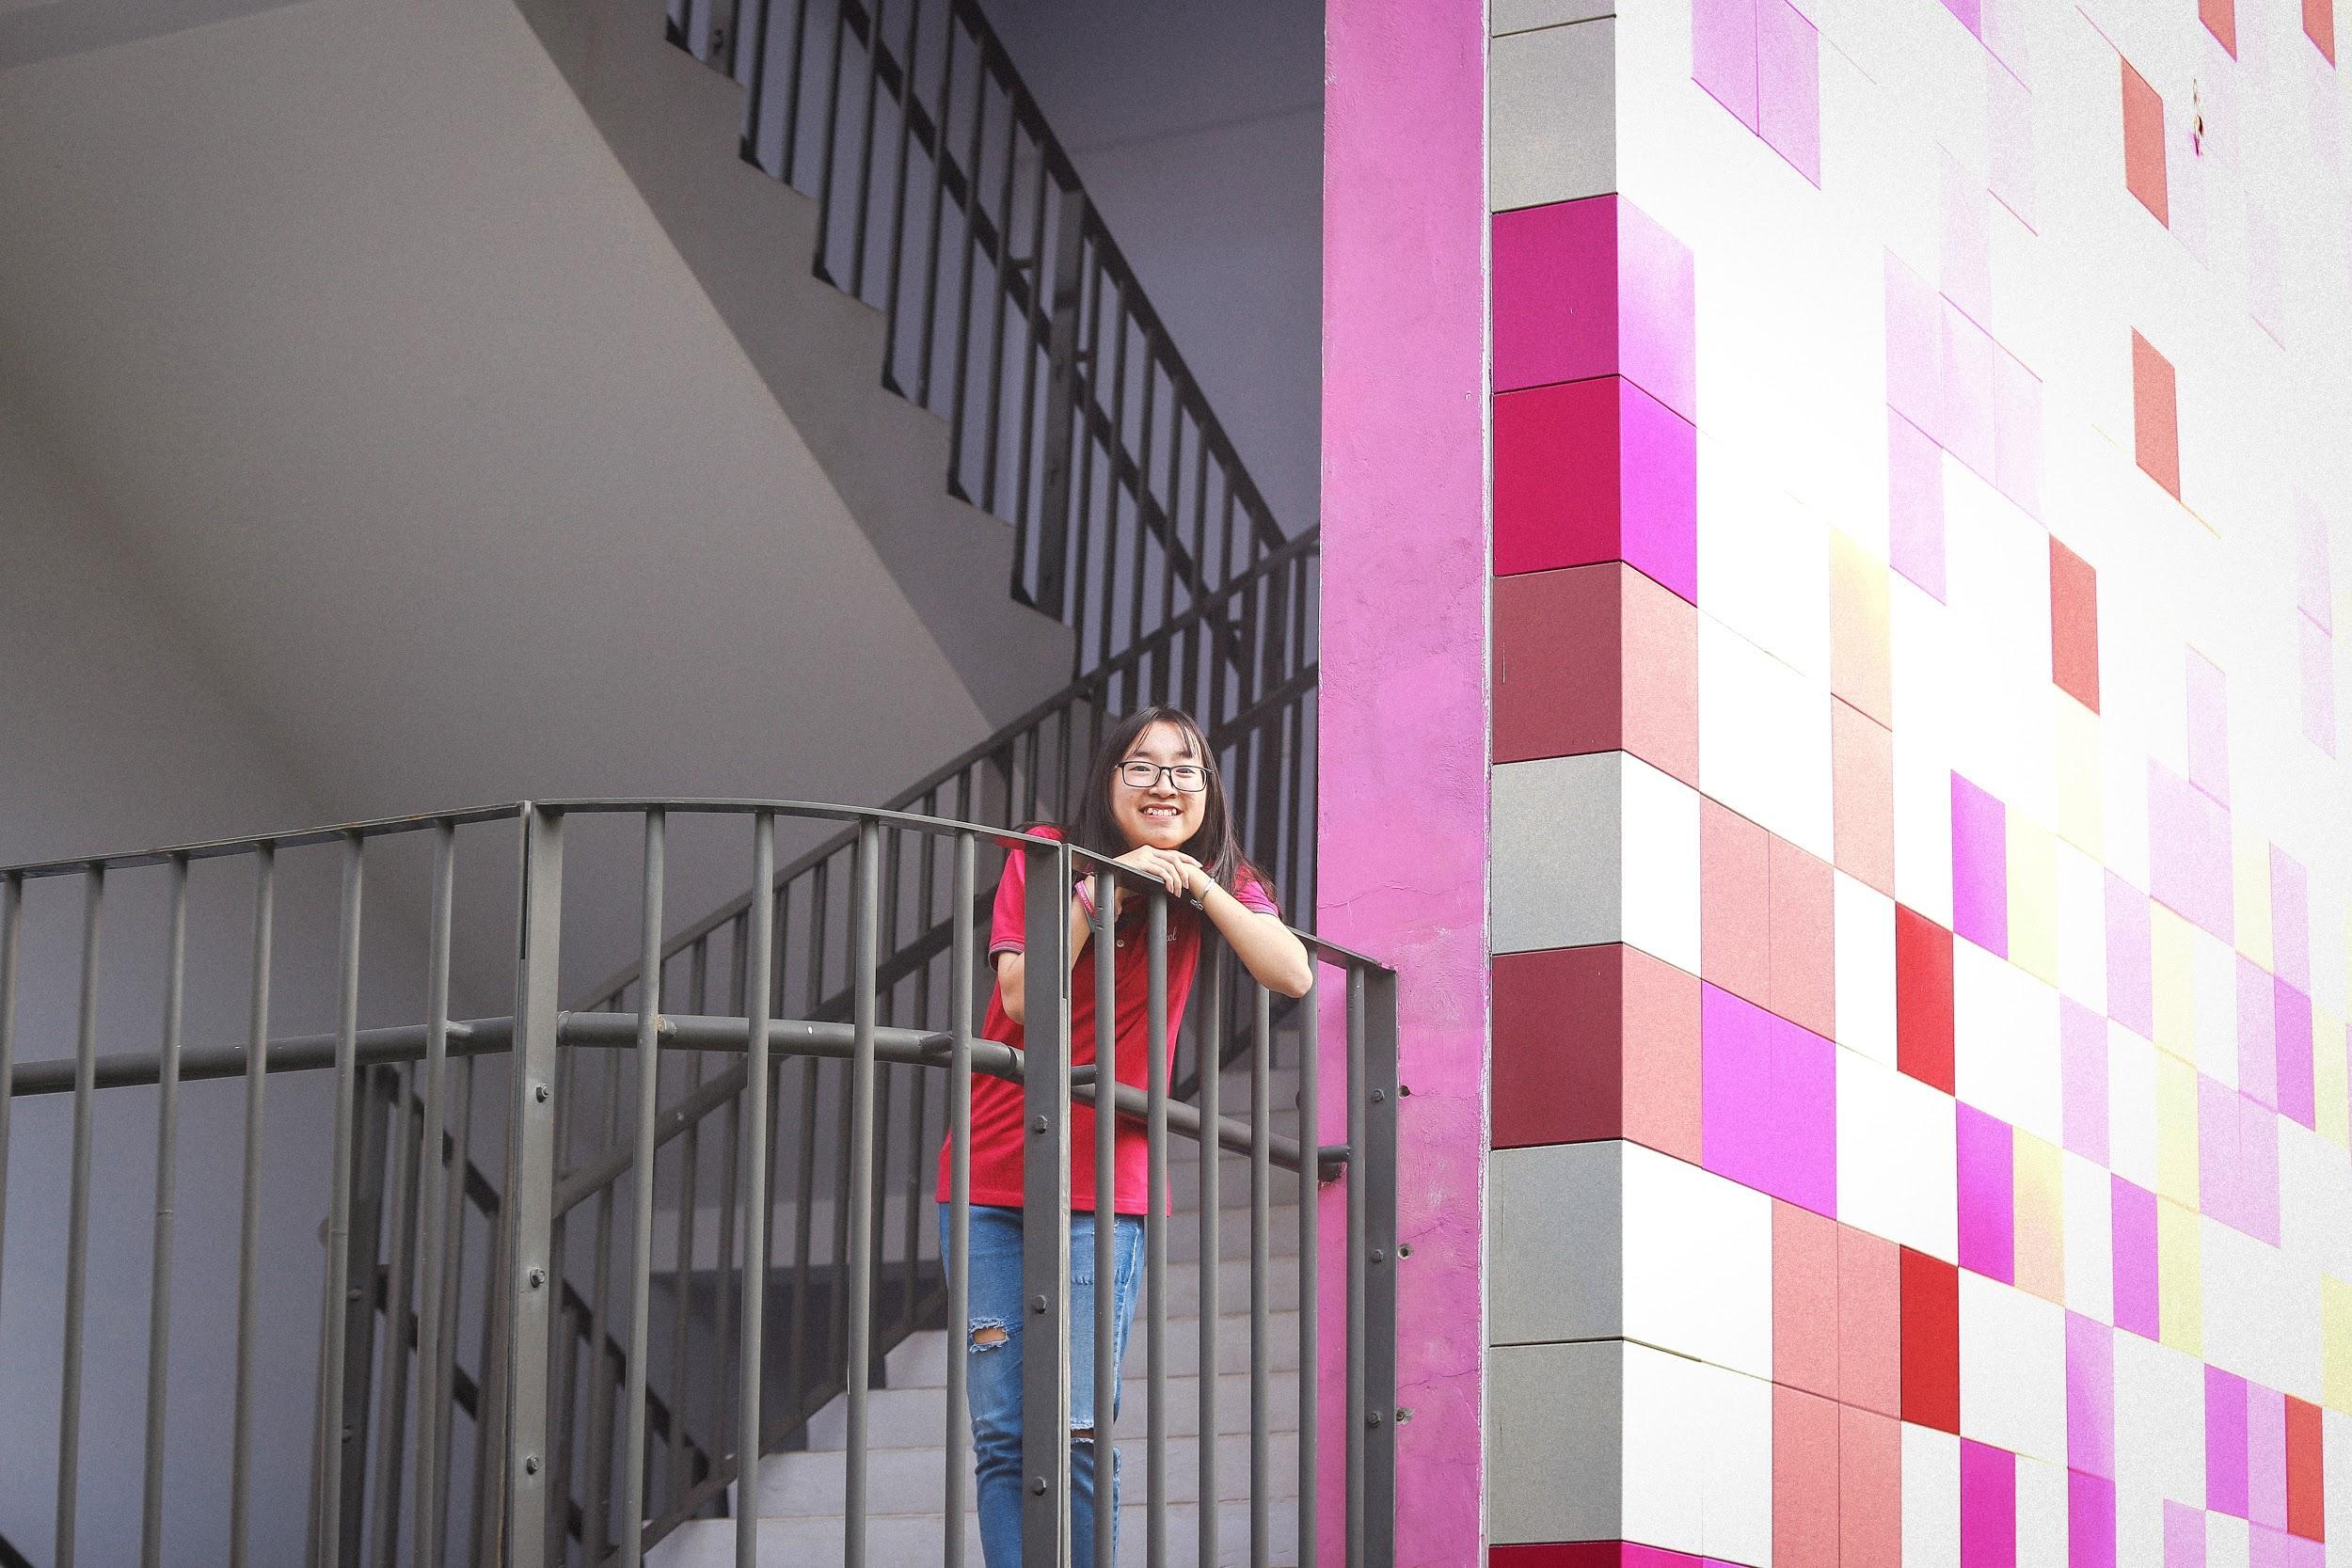 Những ước mơ được viết ở TH School: Khi trường học là một ngôi nhà lớn hạnh phúc - Ảnh 10.